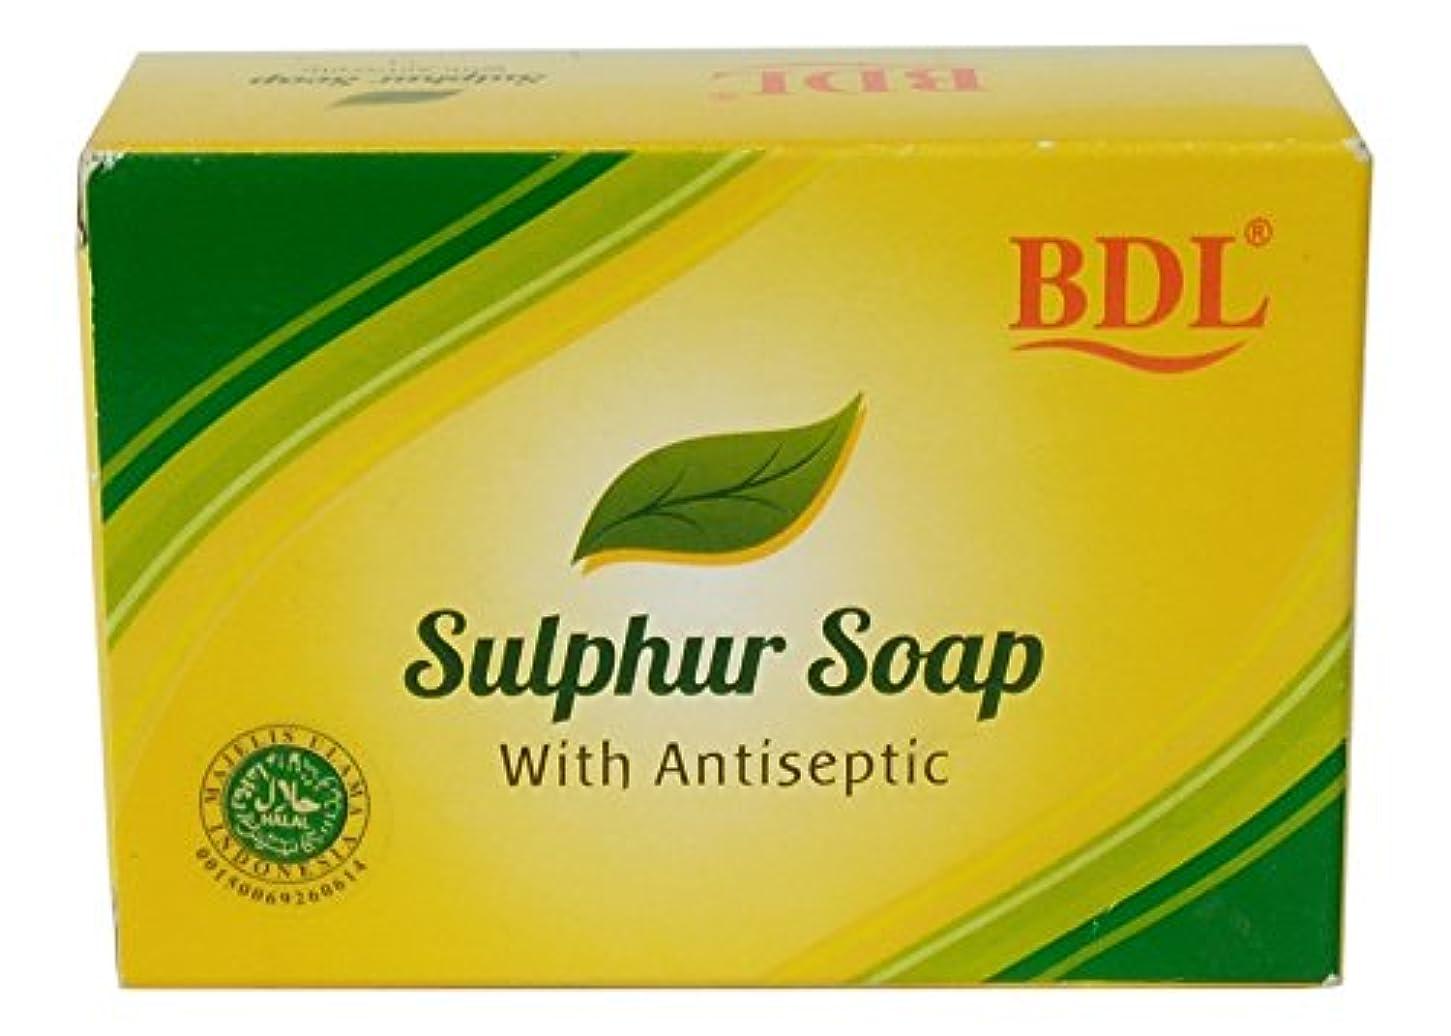 レビュー権限恩赦BDL 防腐剤、100グラムで硫黄固形石鹸